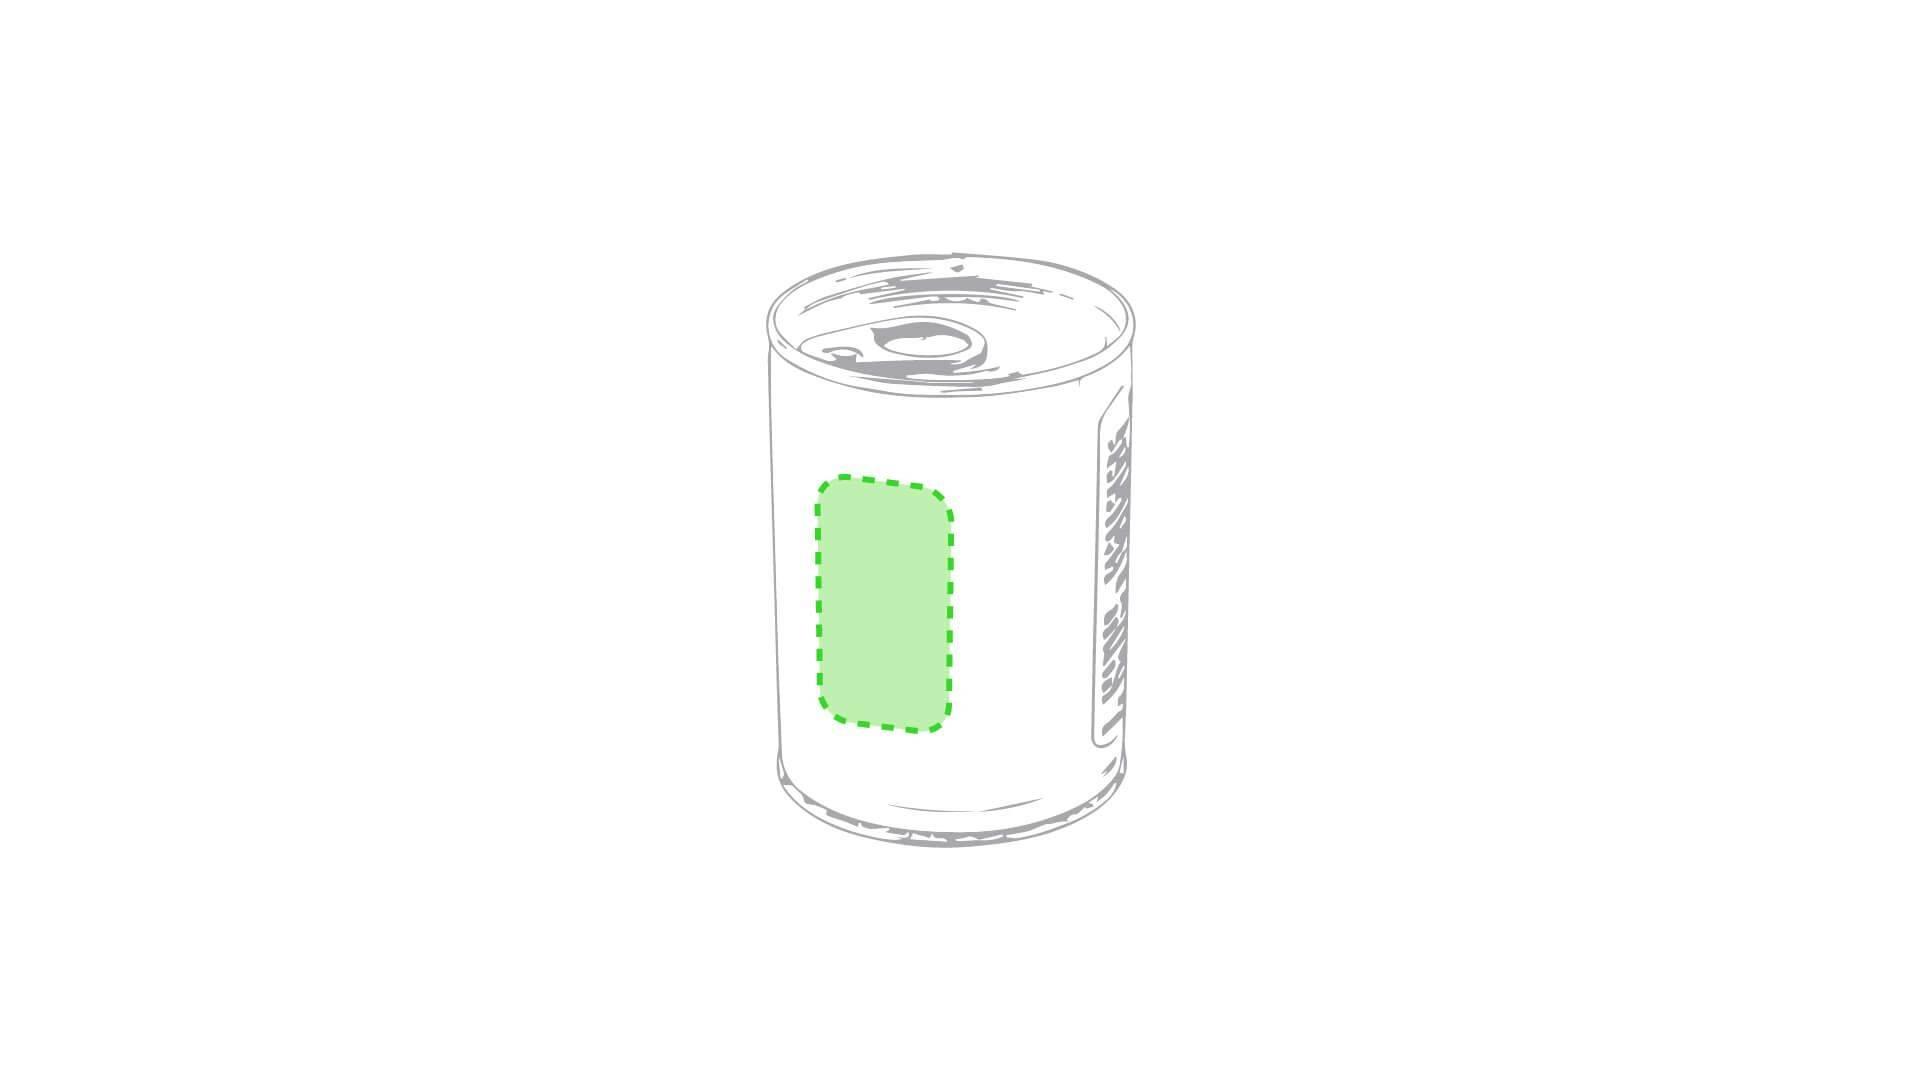 Maceta de lata metálica 1